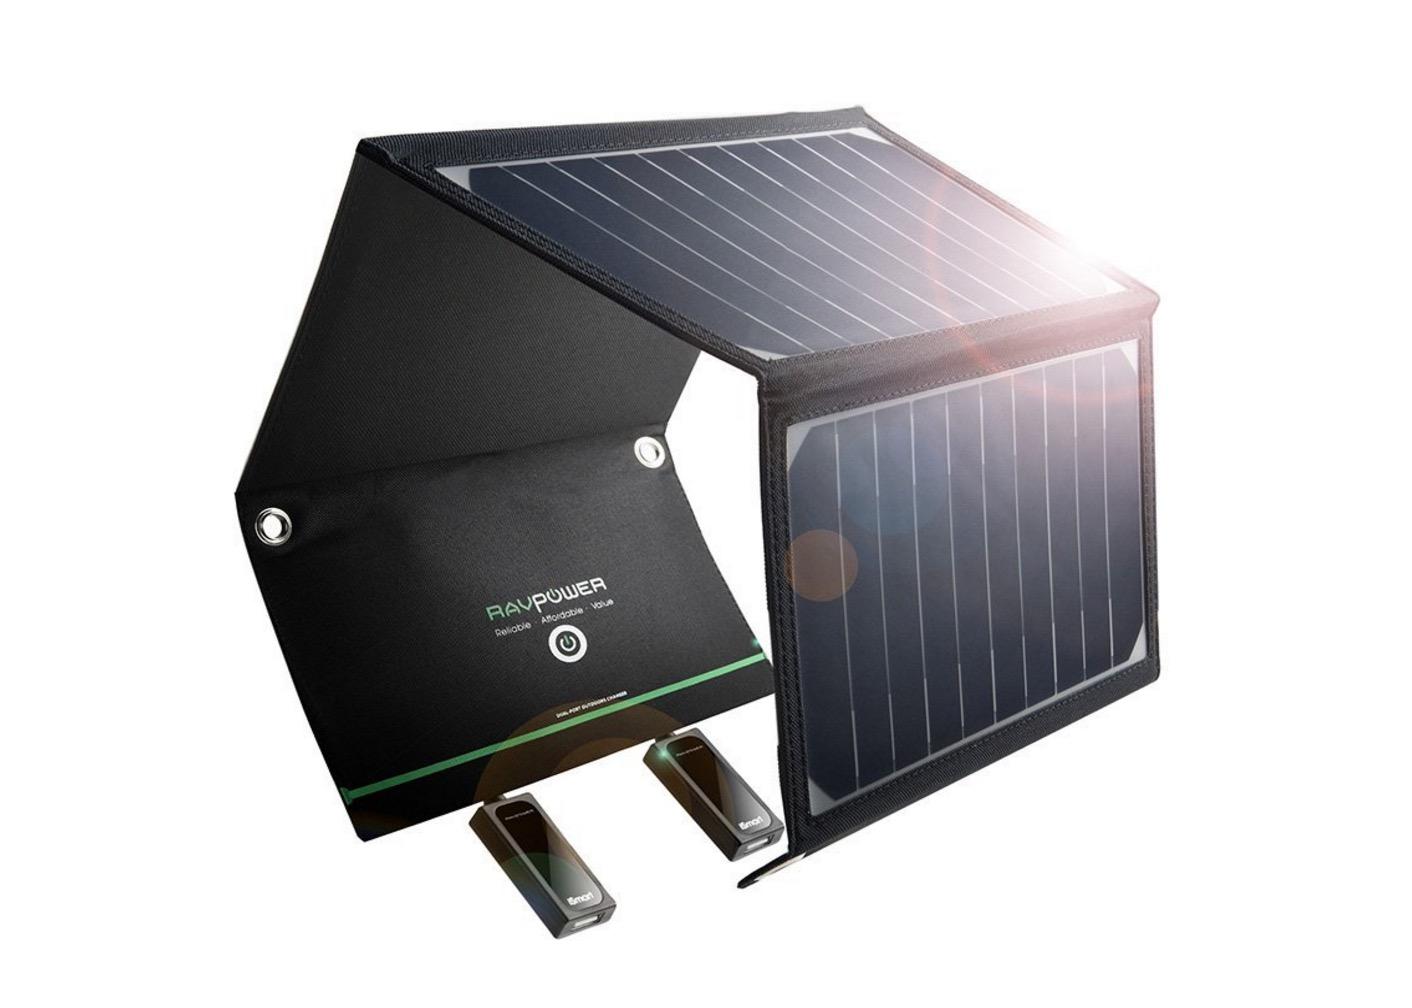 Pannello Solare Per Ricaricare Auto Elettrica : Pannello solare w ricarica i dispositivi tramite usb